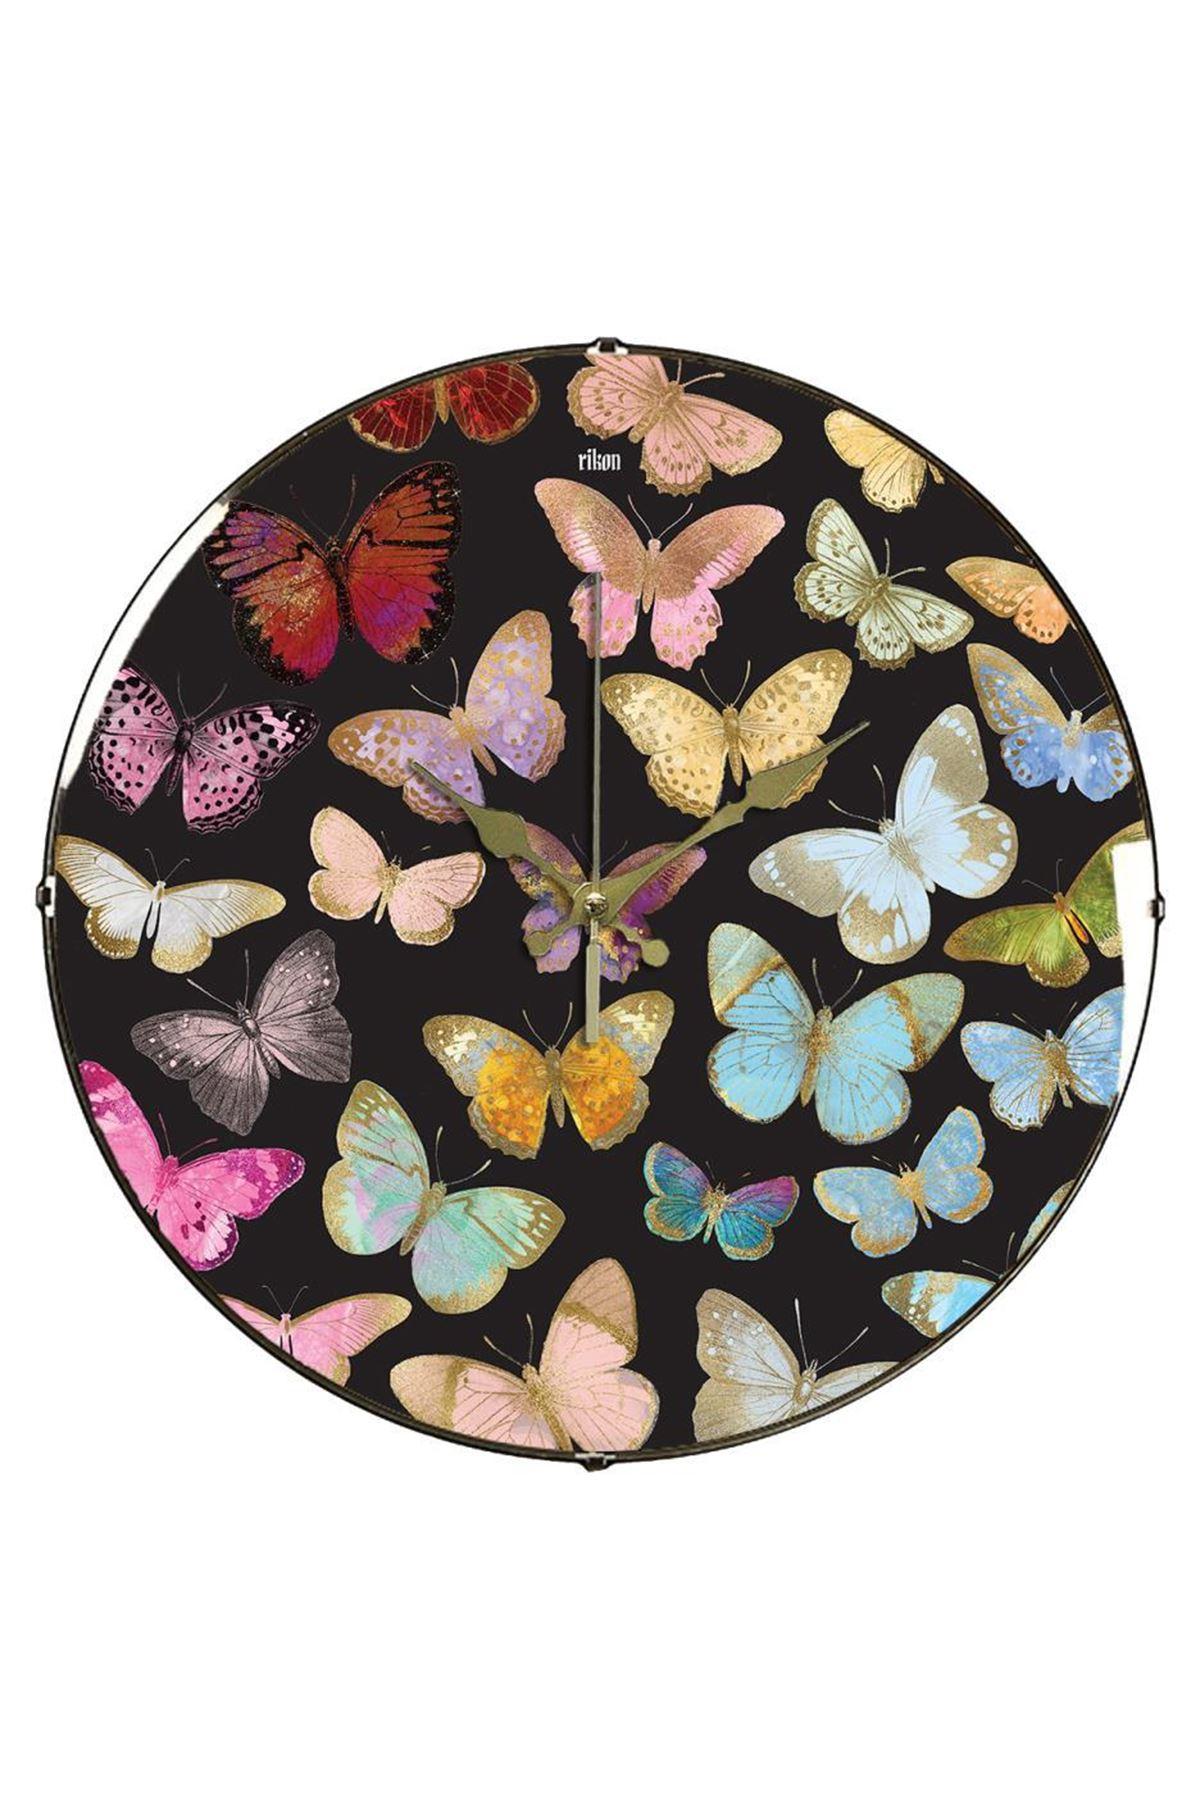 Rikon Butterfly Dekoratif Bombe Camlı Duvar Saati